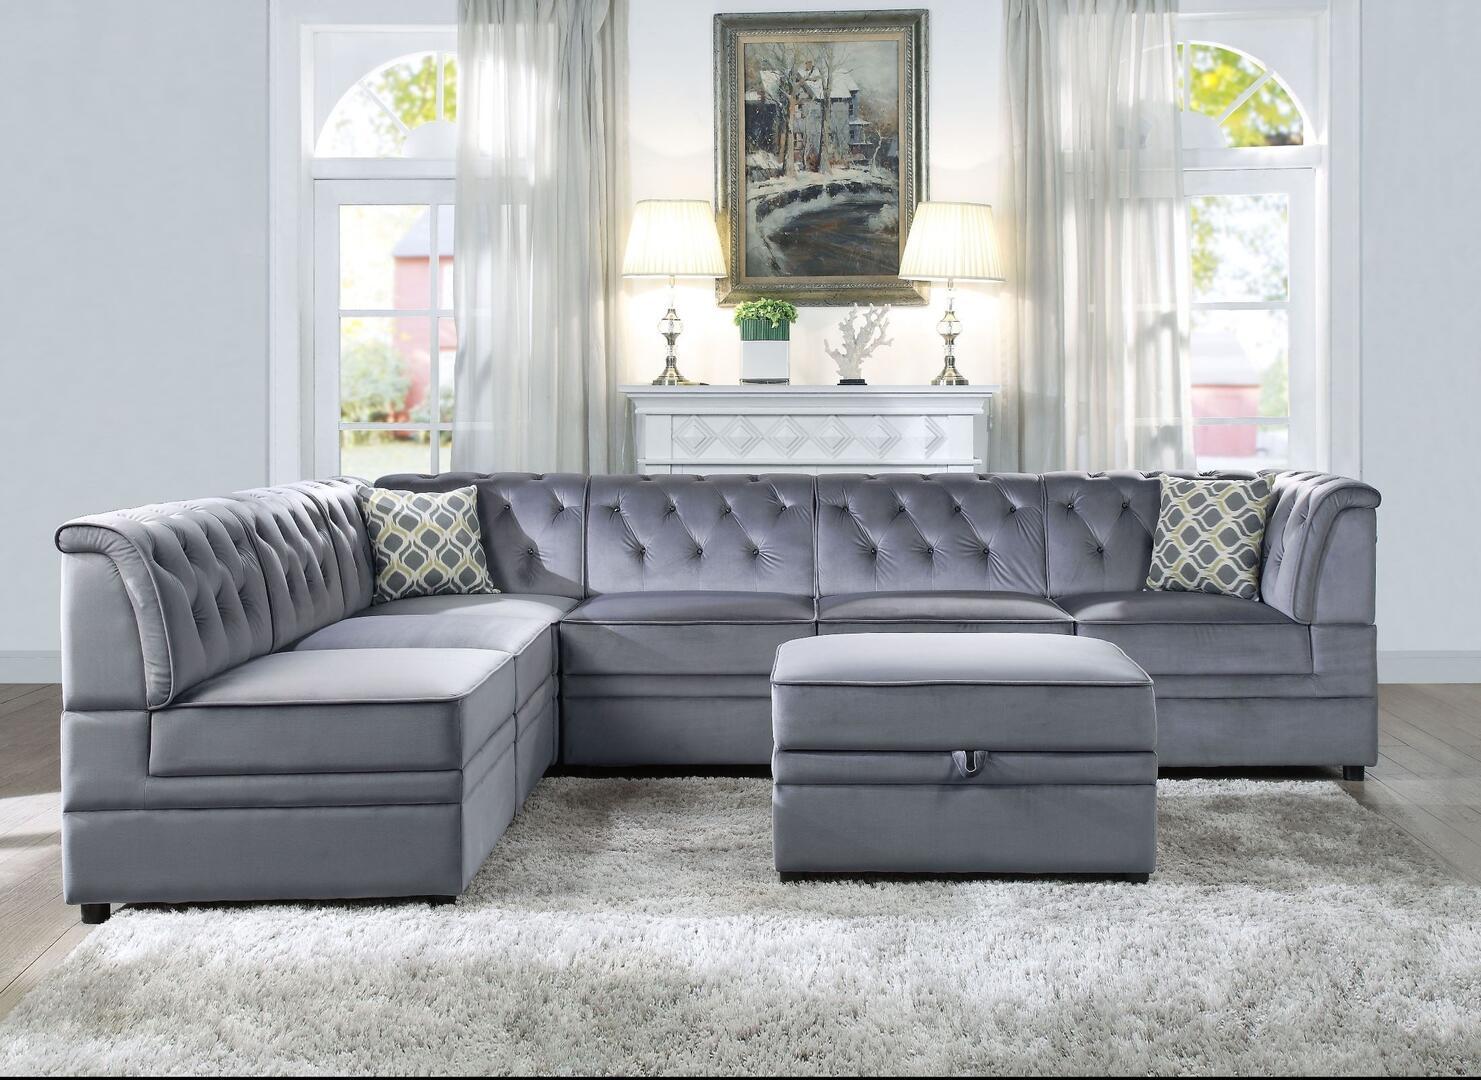 Acme Furniture Bois Ii Velvet Sectional Sofa 53305677 Grey